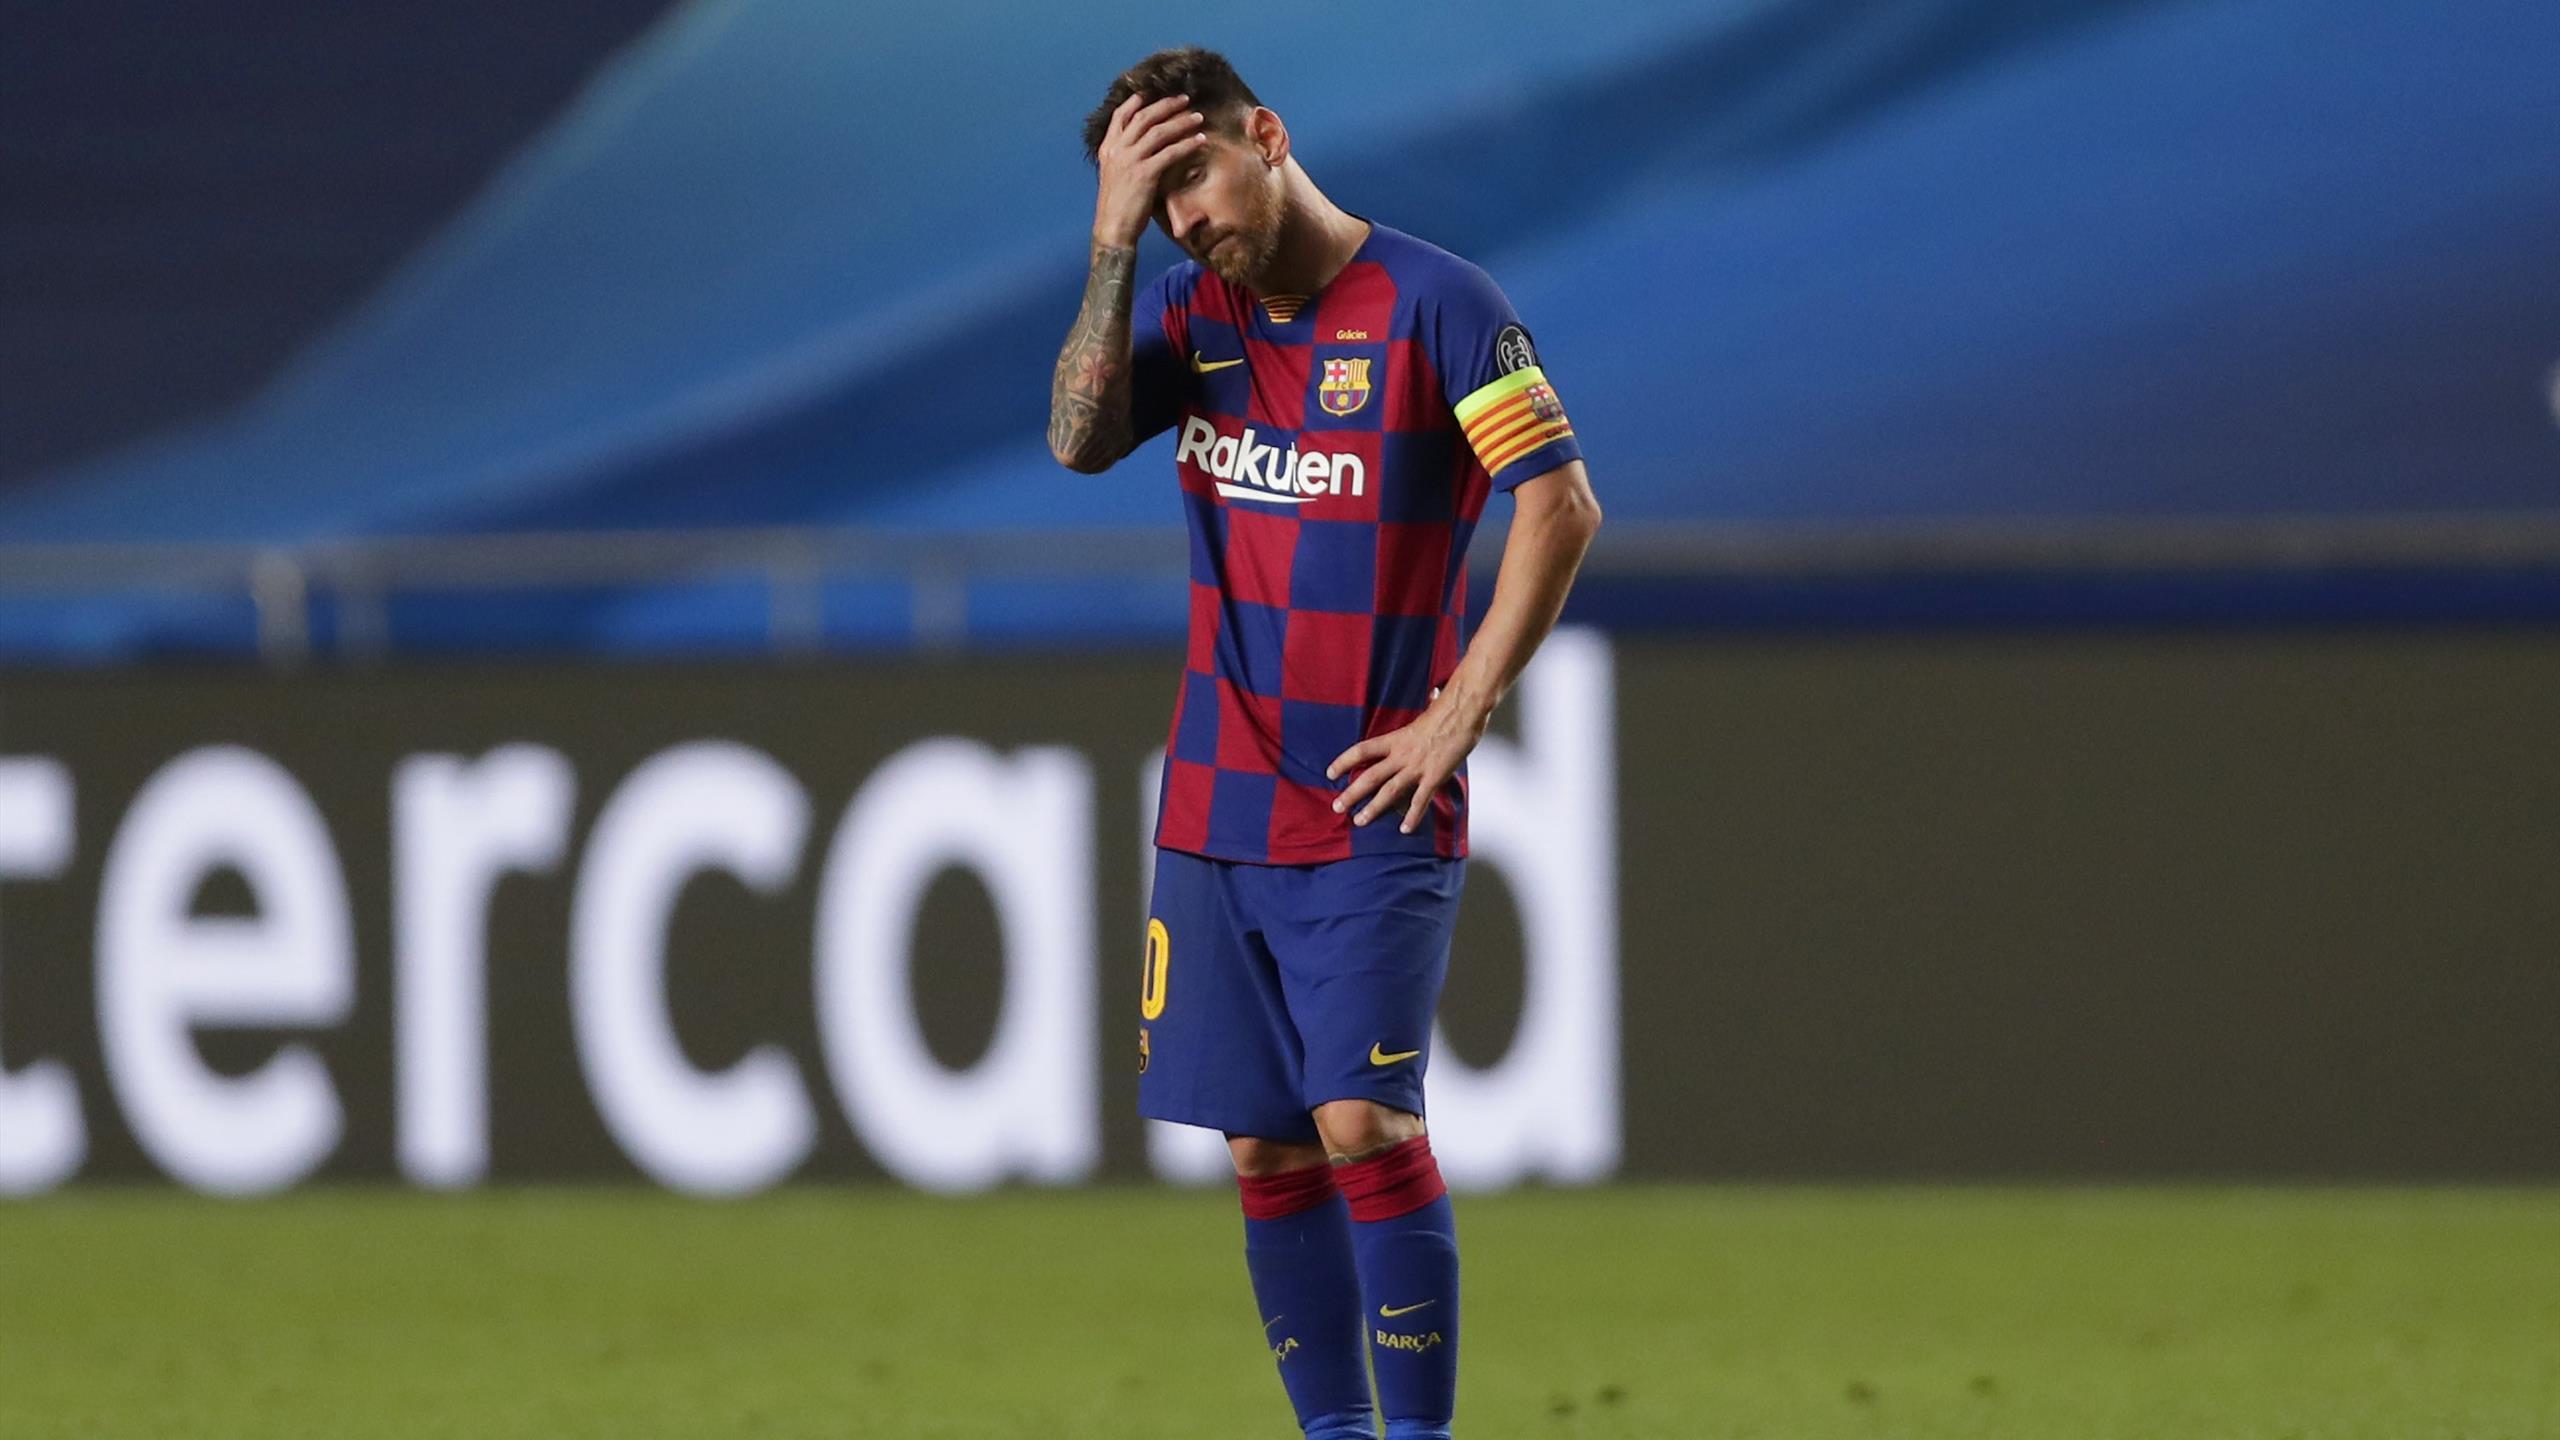 2:8 – шанс «Барселоны» на революцию. Фанаты должны радоваться провалу